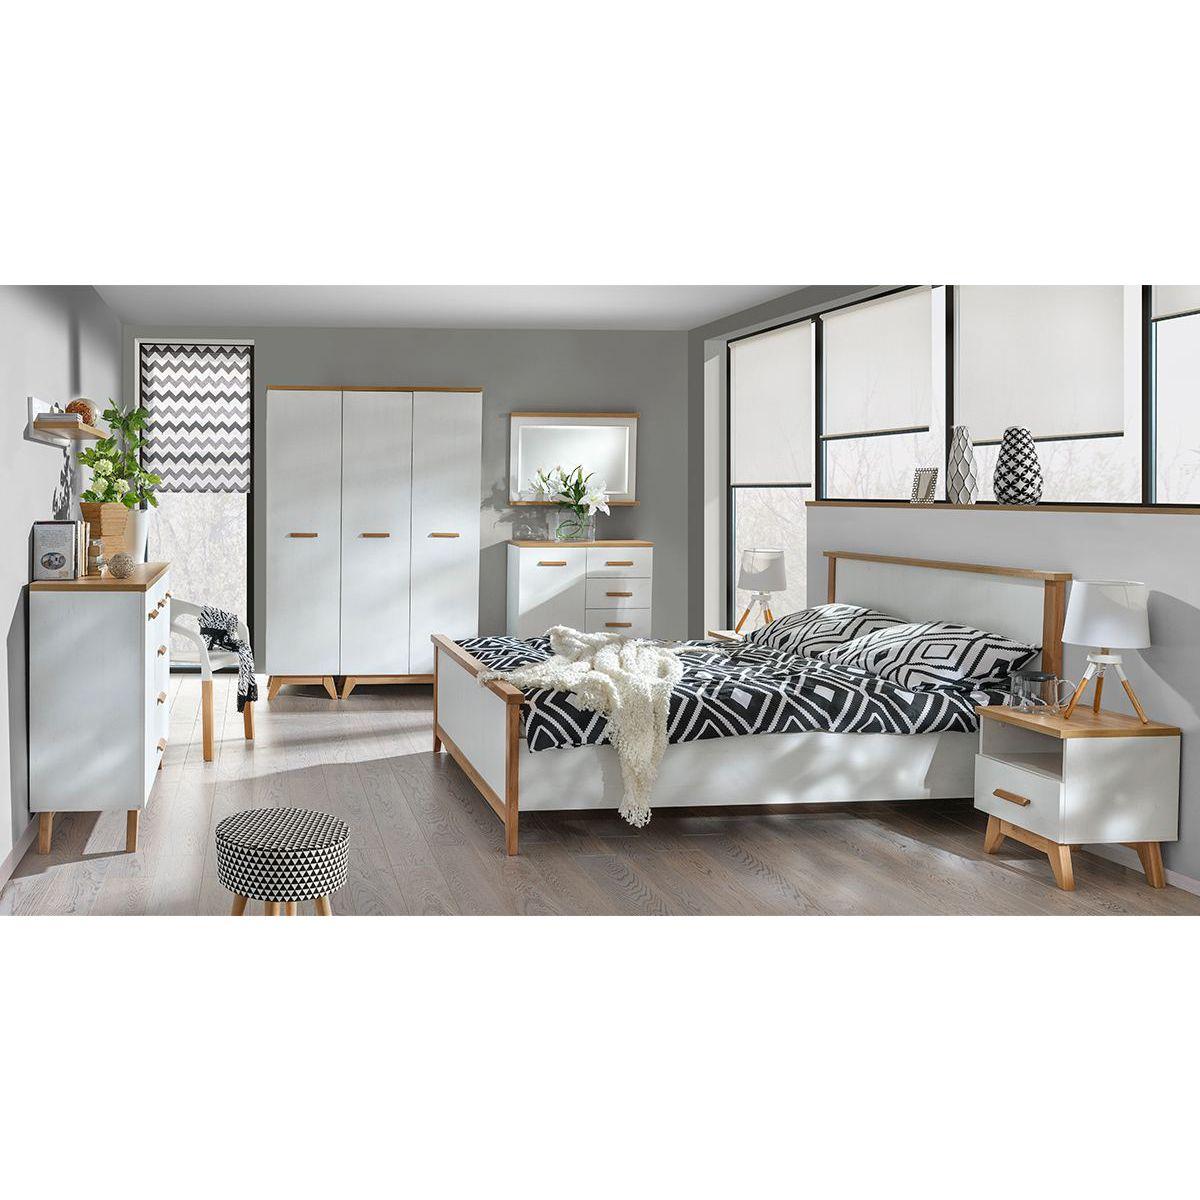 Full Size of Schlafzimmer Komplett Set B Panduros Bett Weiß 120x200 Schimmel Im Wandleuchte Esstisch Oval 160x200 Deckenlampe Günstige Hängeschrank Hochglanz Wohnzimmer Schlafzimmer Schlafzimmer Komplett Weiß